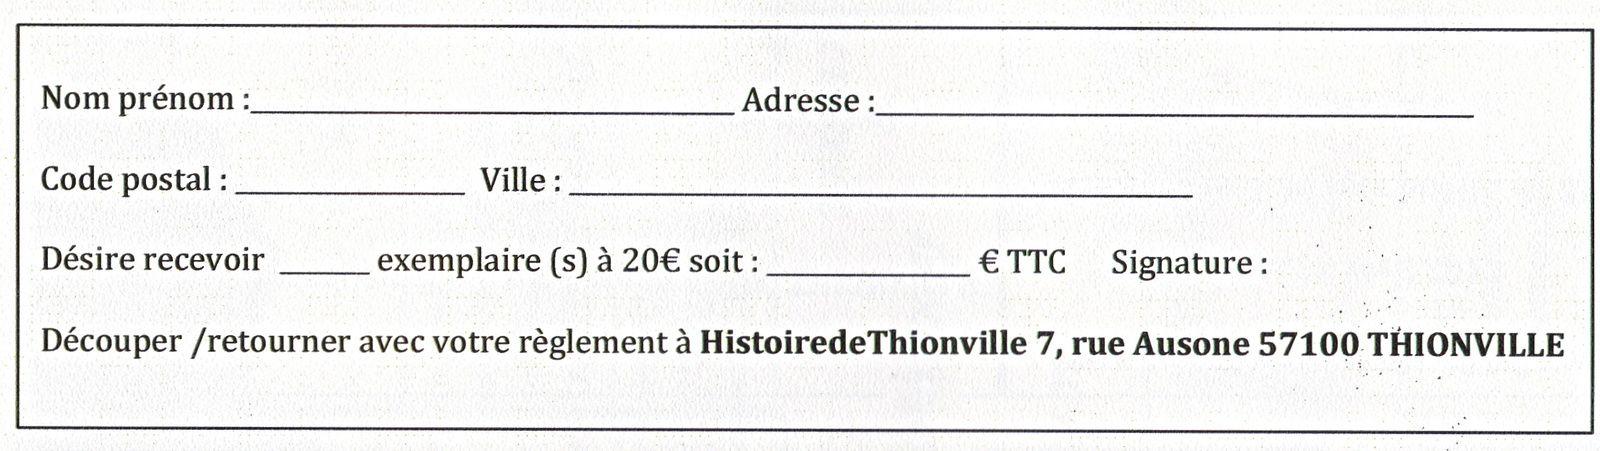 IMPORTANT:  Bon de souscription a retourner avec votre chèque établi à l'ordre de Michel Persin